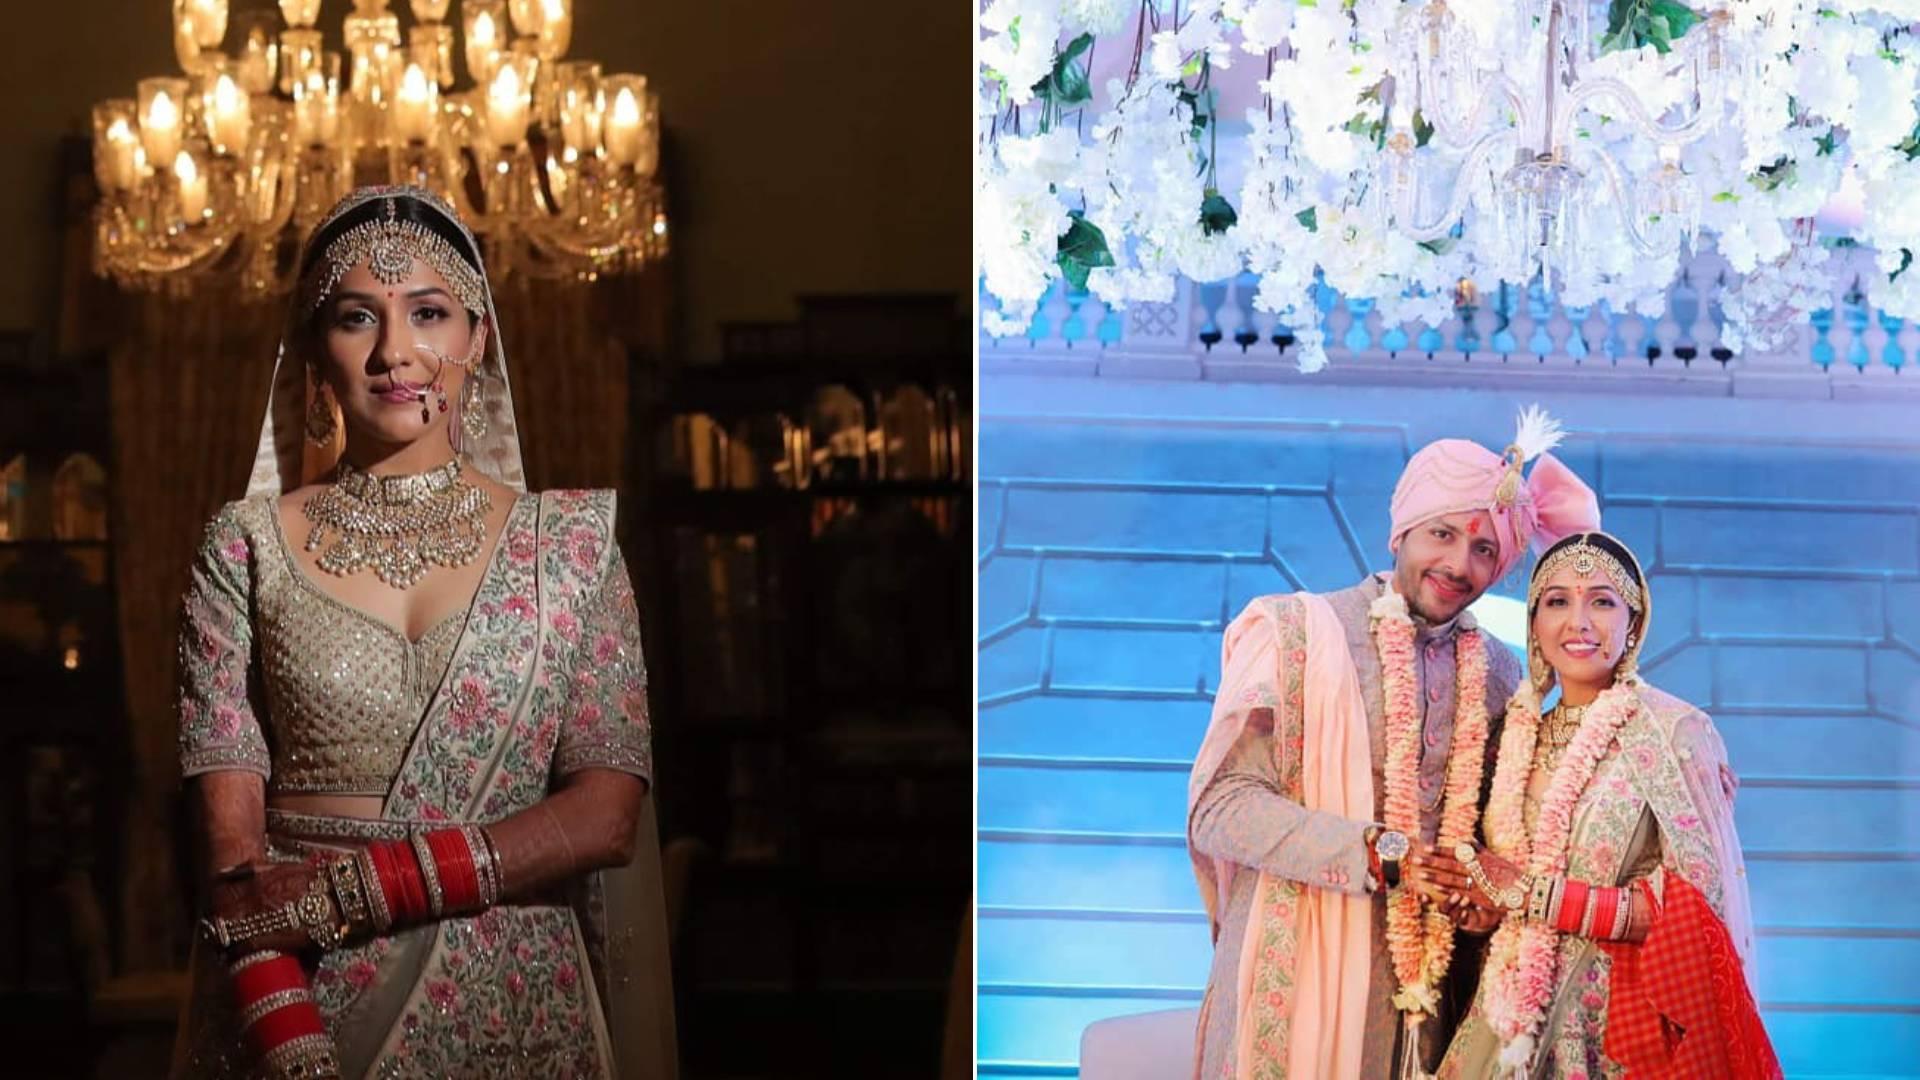 नीति मोहन ने बताया शादी के बाद कितनी बदल गई है लाइफ, पति-सुसरालवालों के साथ ऐसा रहा एक्सपीरियंस